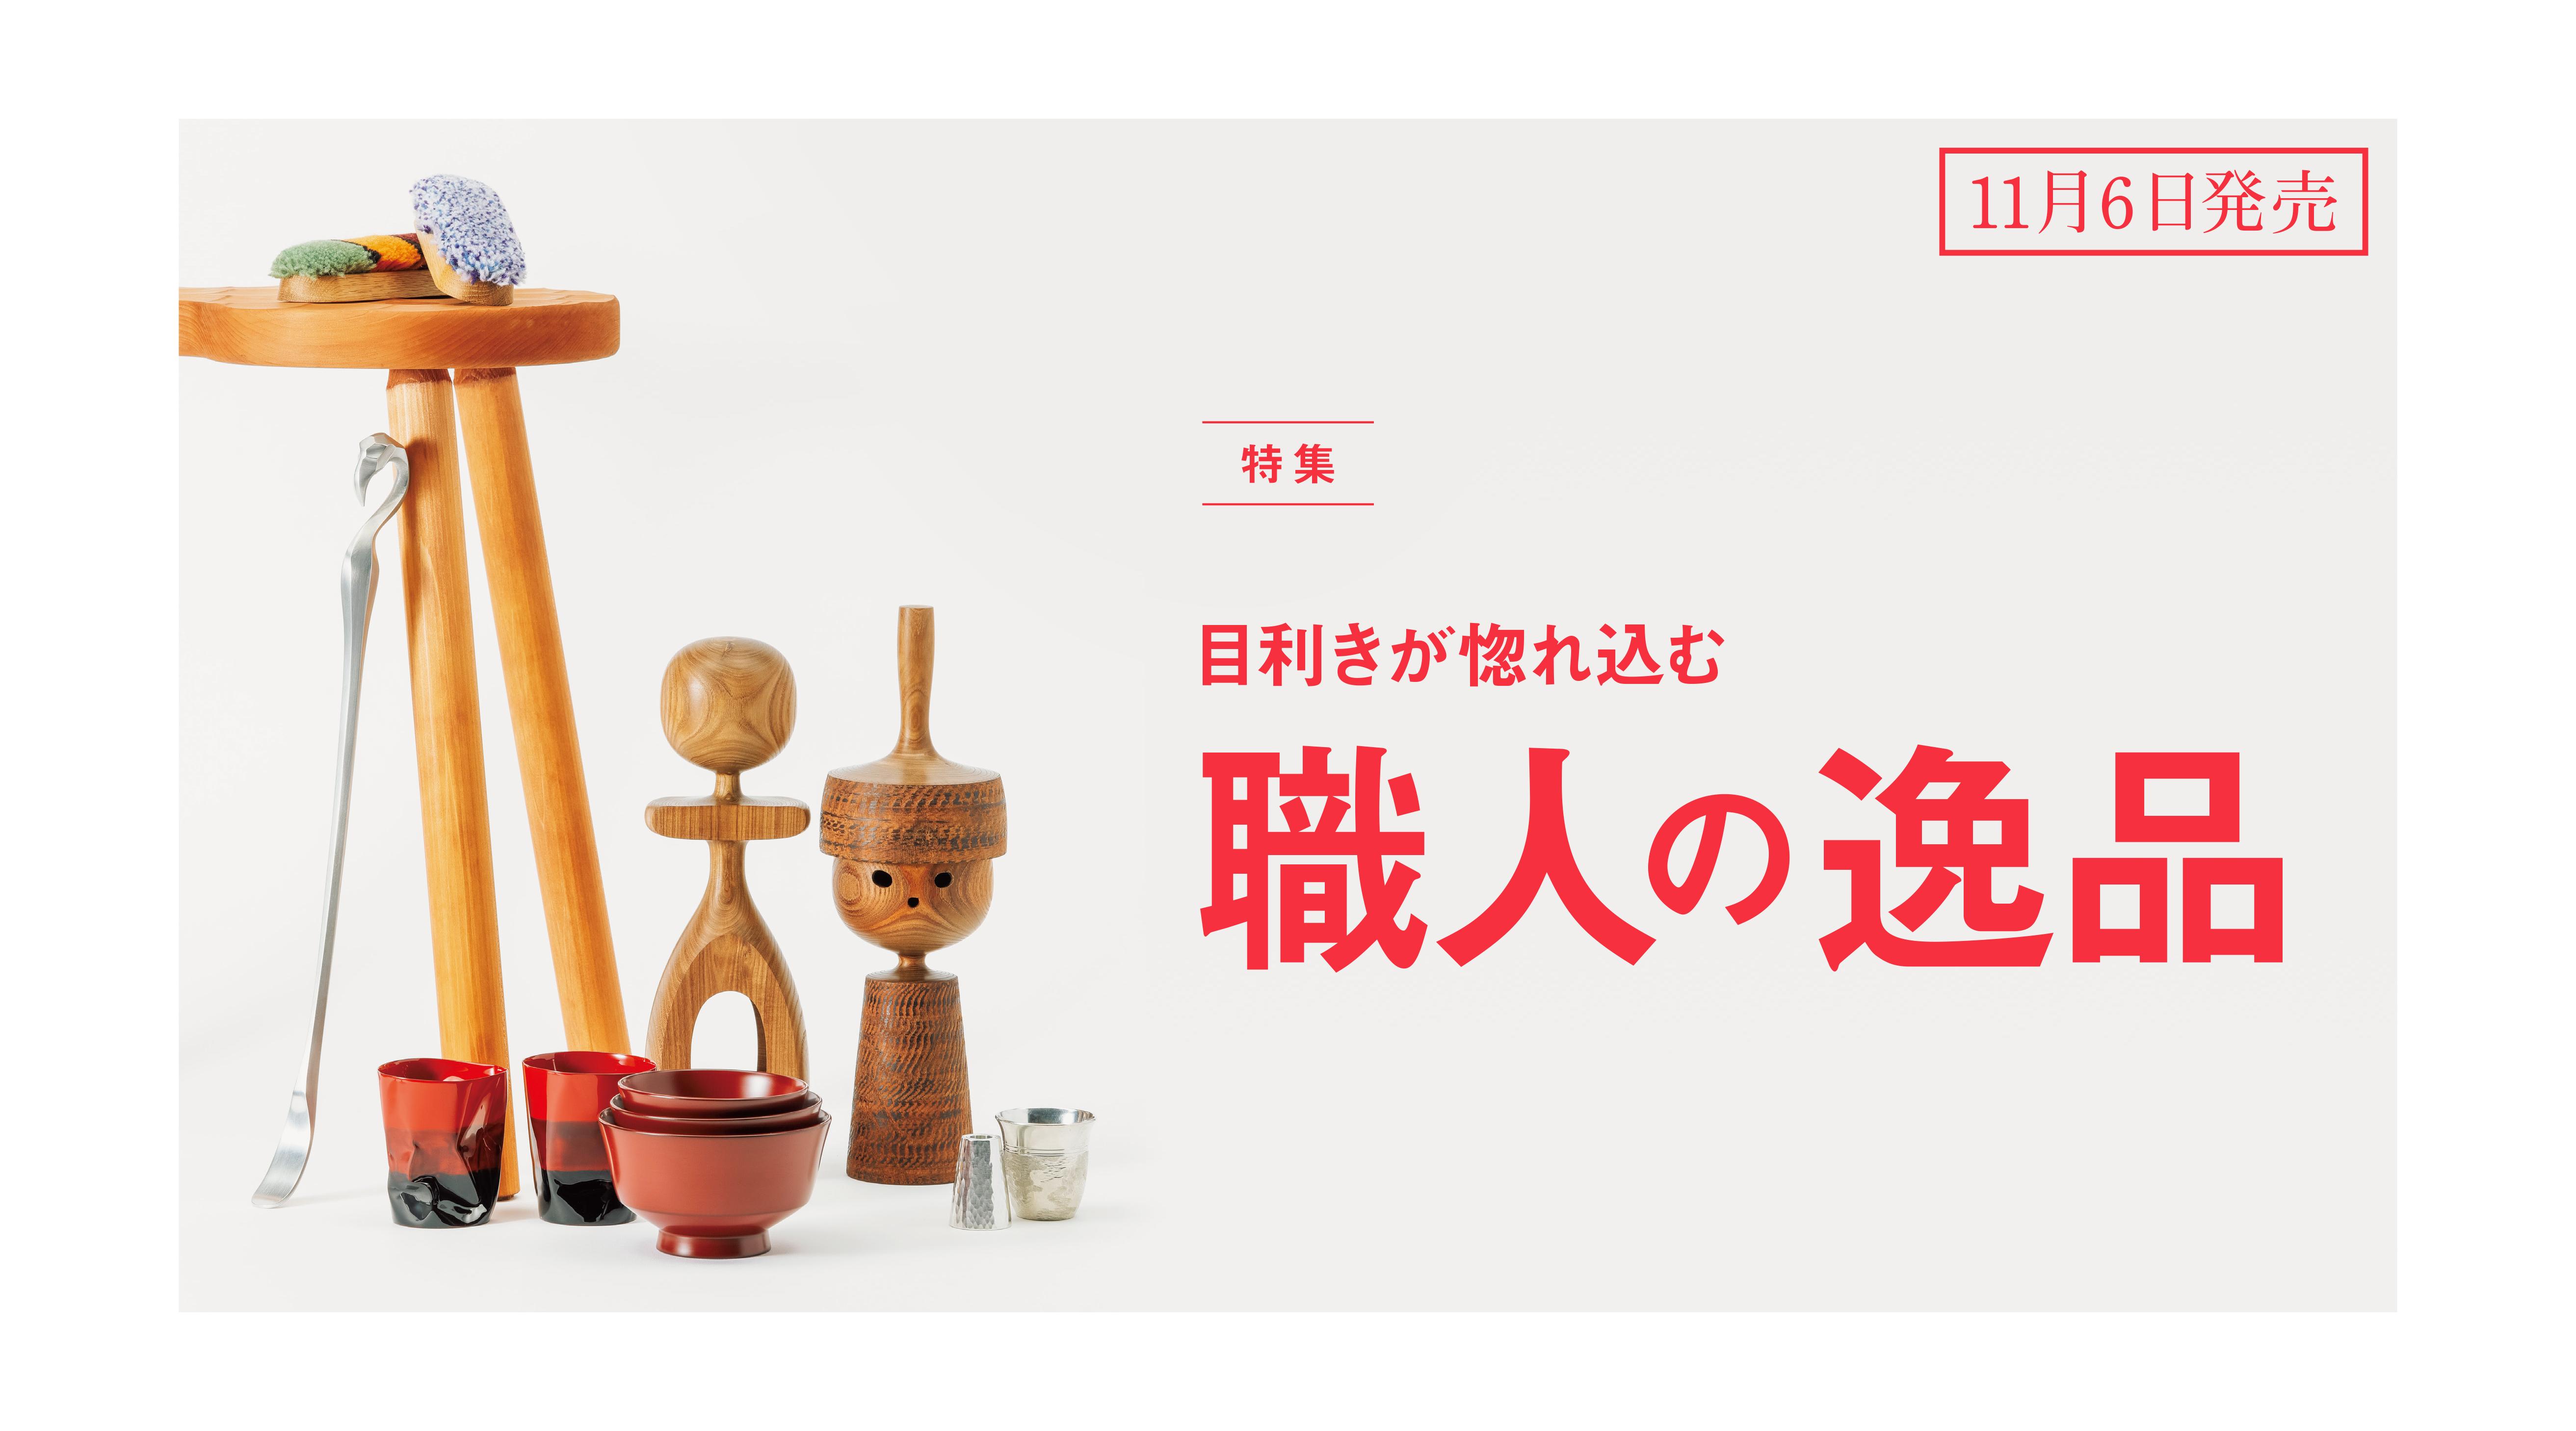 特集:目利きが惚れ込む職人の逸品<br/>Discover Japan12月号発売中です!